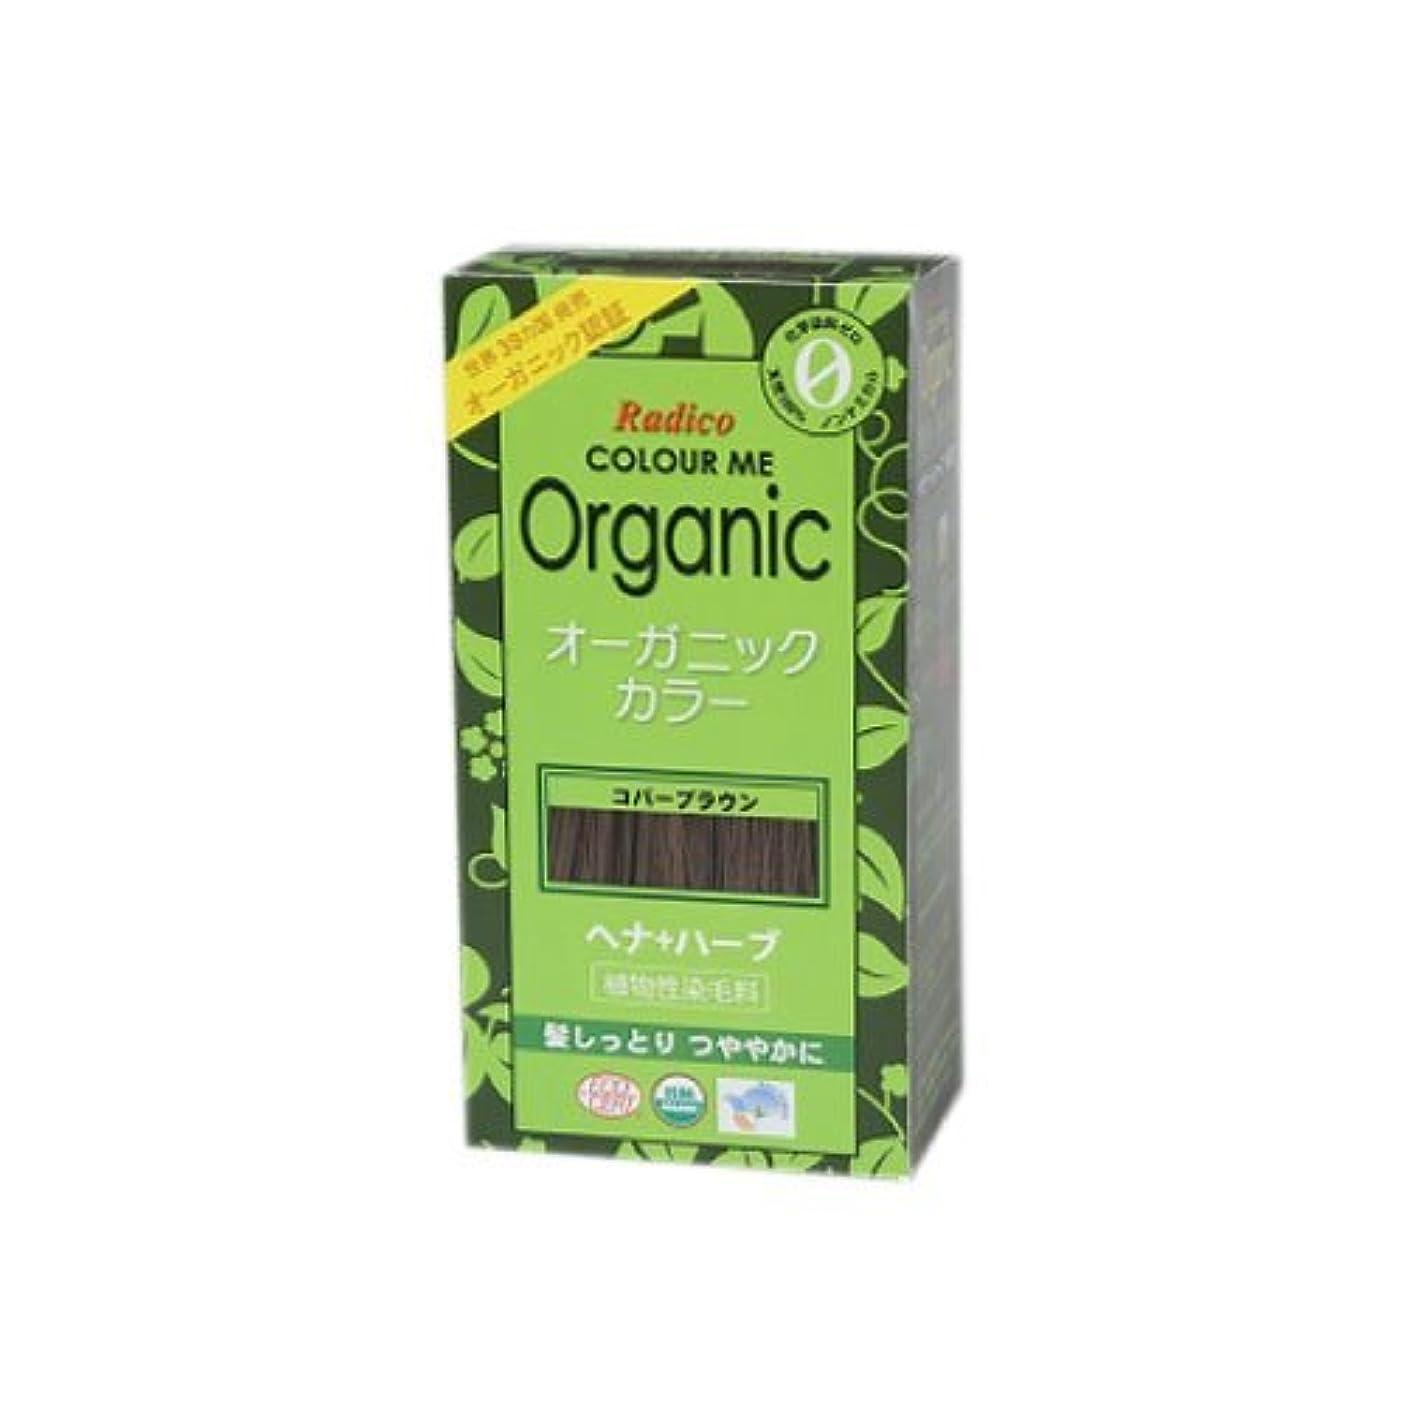 患者休日細胞COLOURME Organic (カラーミーオーガニック ヘナ 白髪用) コパーブラウン 100g